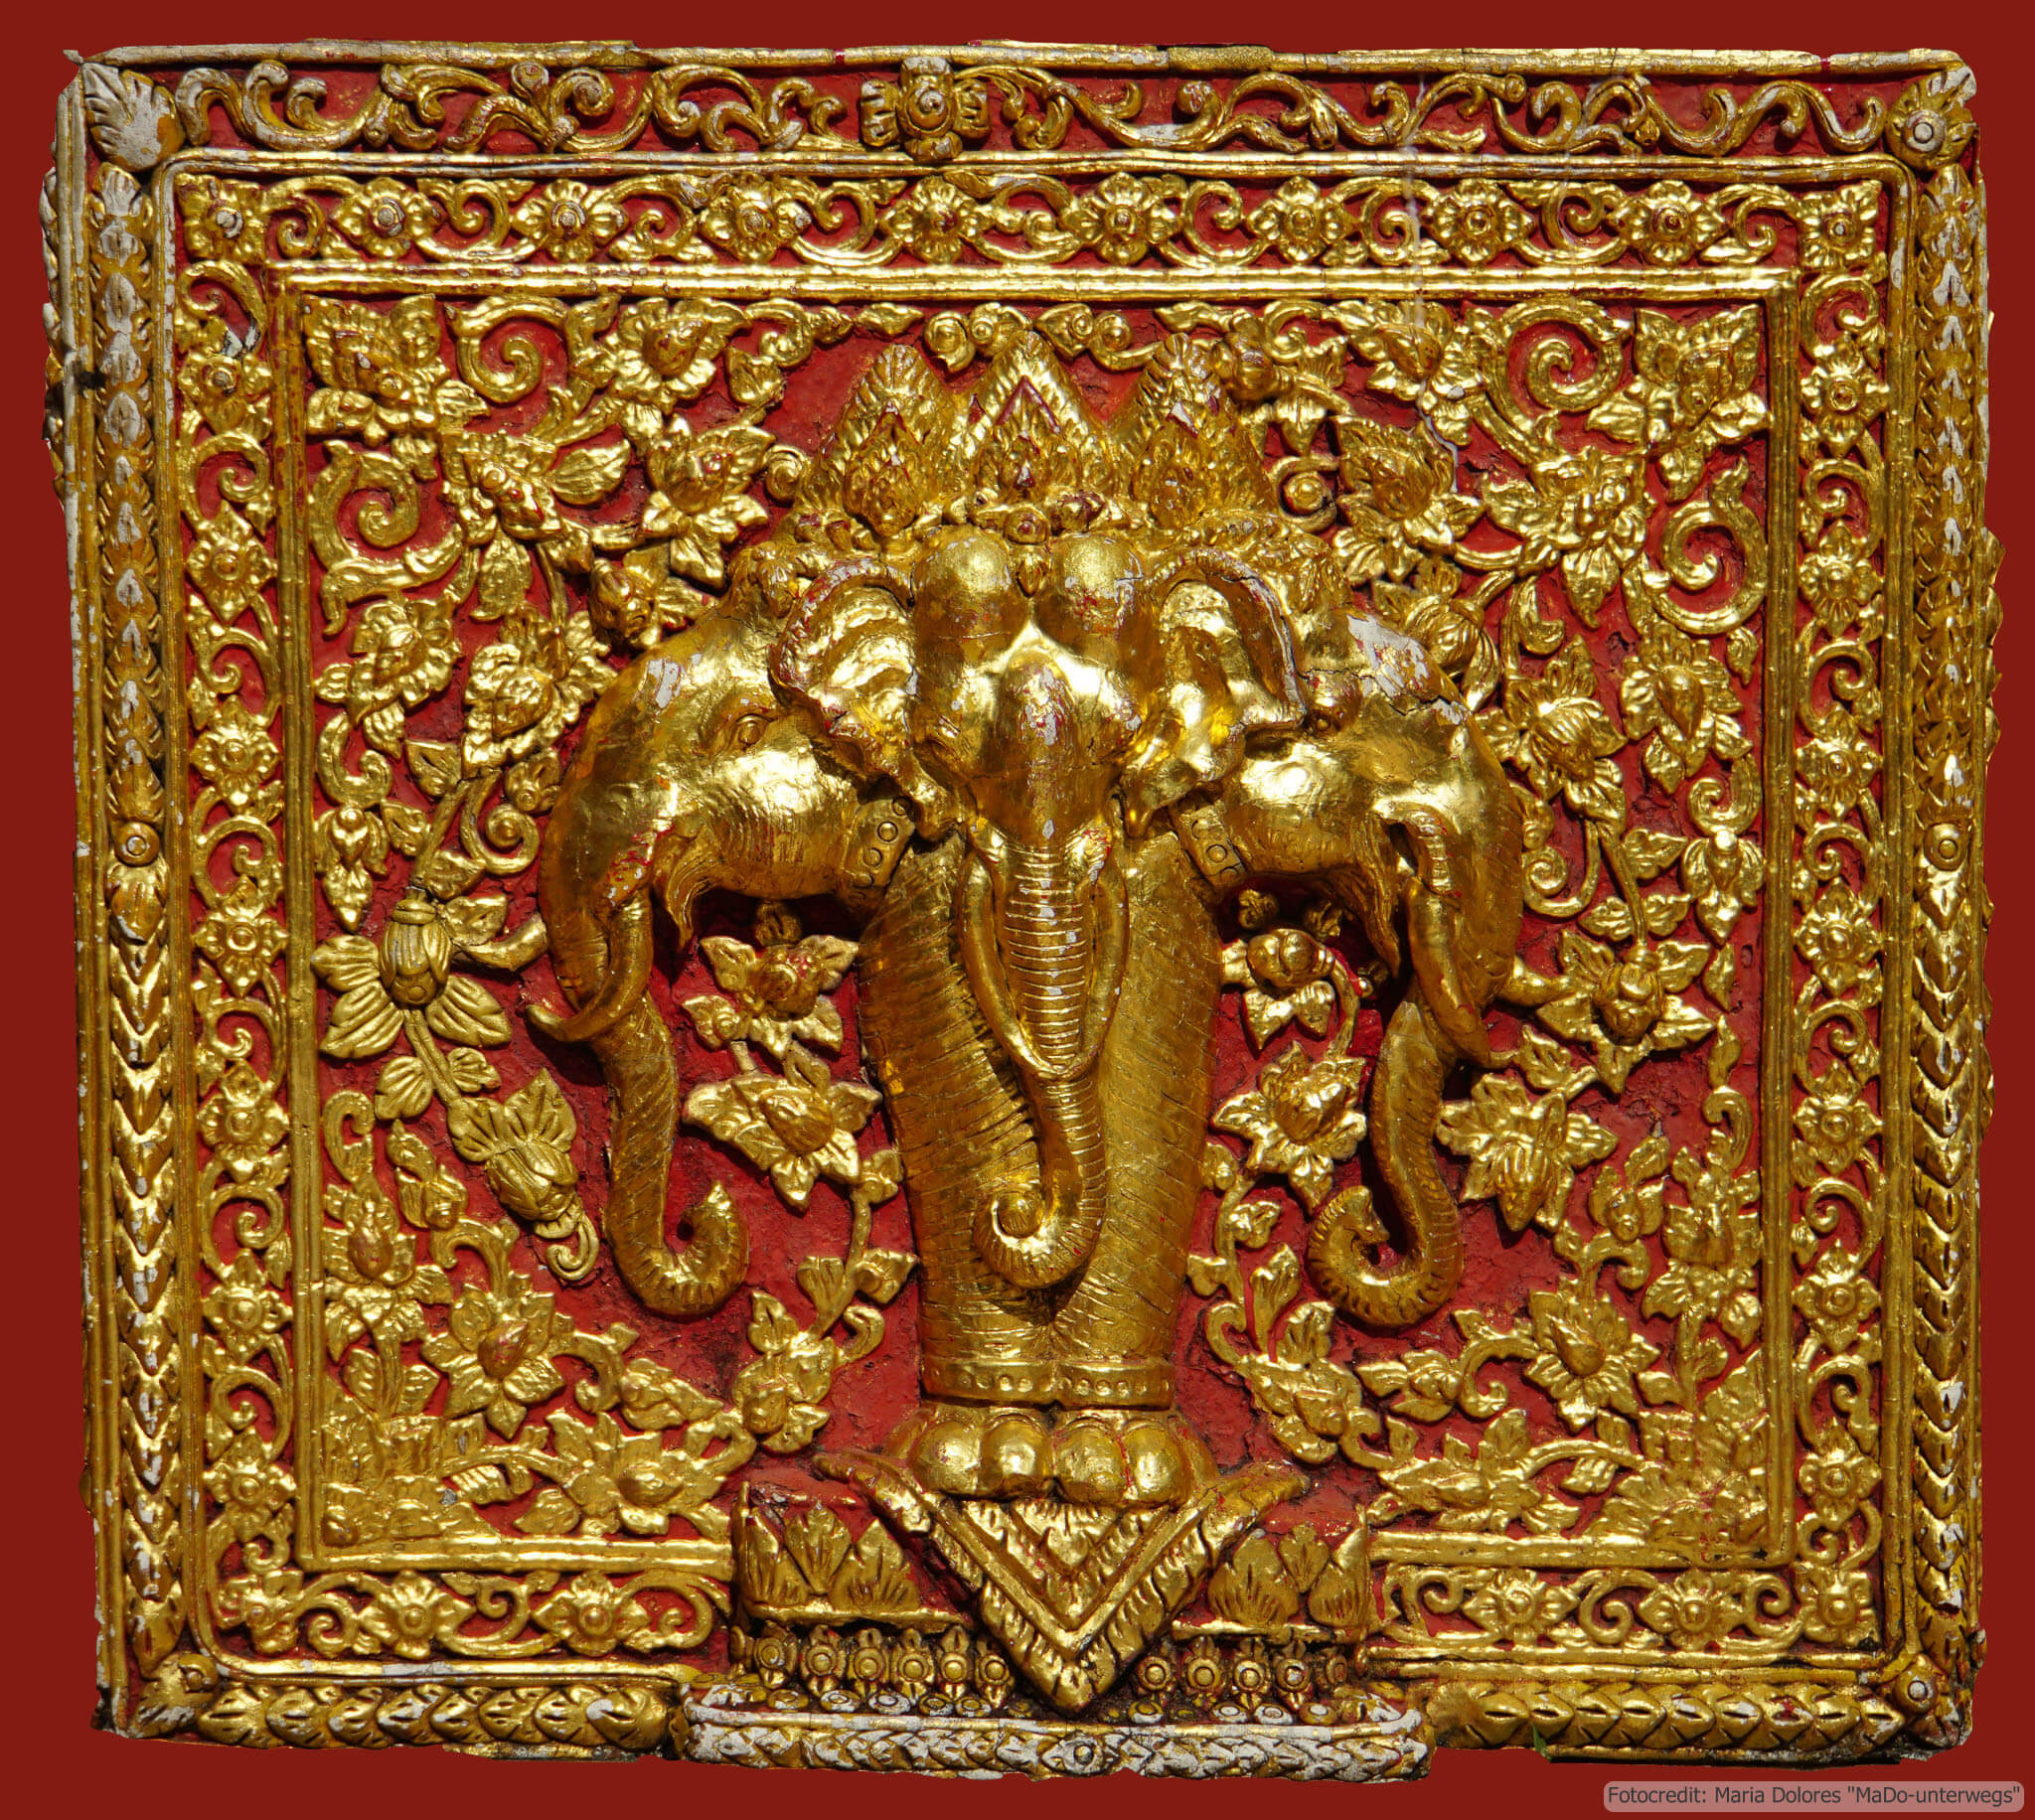 Wat Phra That Doi Suthep bei Chiang Mai: Verzierungen im Detail (Reisetagebuch «Thailand als Alleinreisende ohne Roller entdecken»)